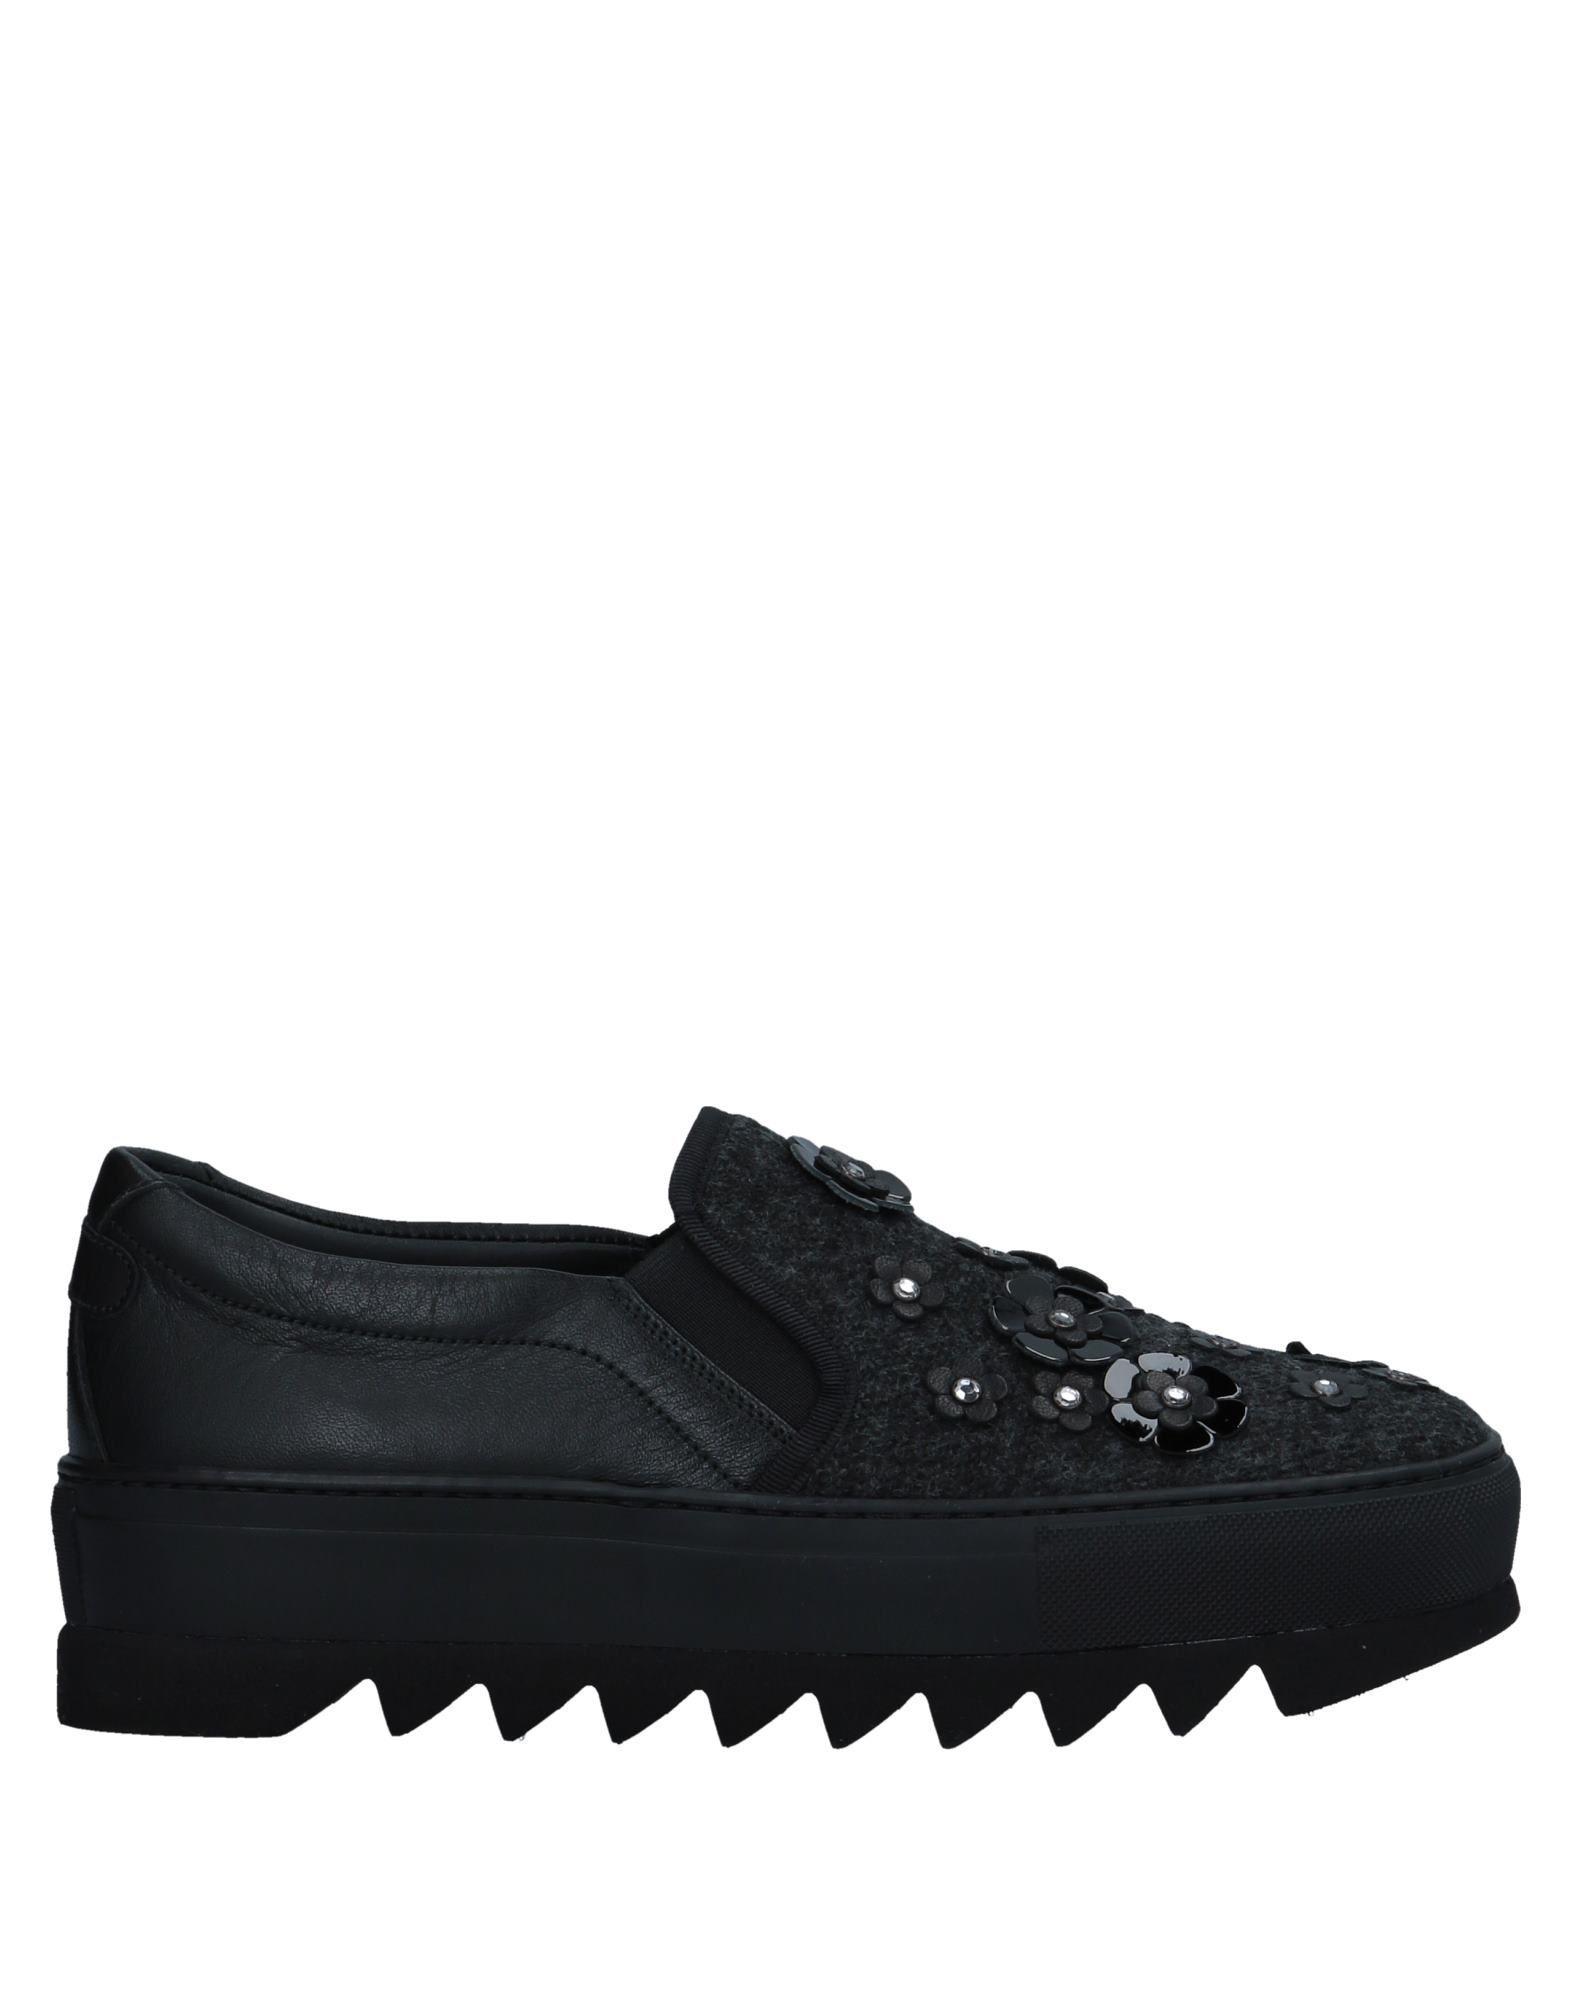 Scarpe economiche e resistenti Sneakers Pertini Donna - 11527108UK